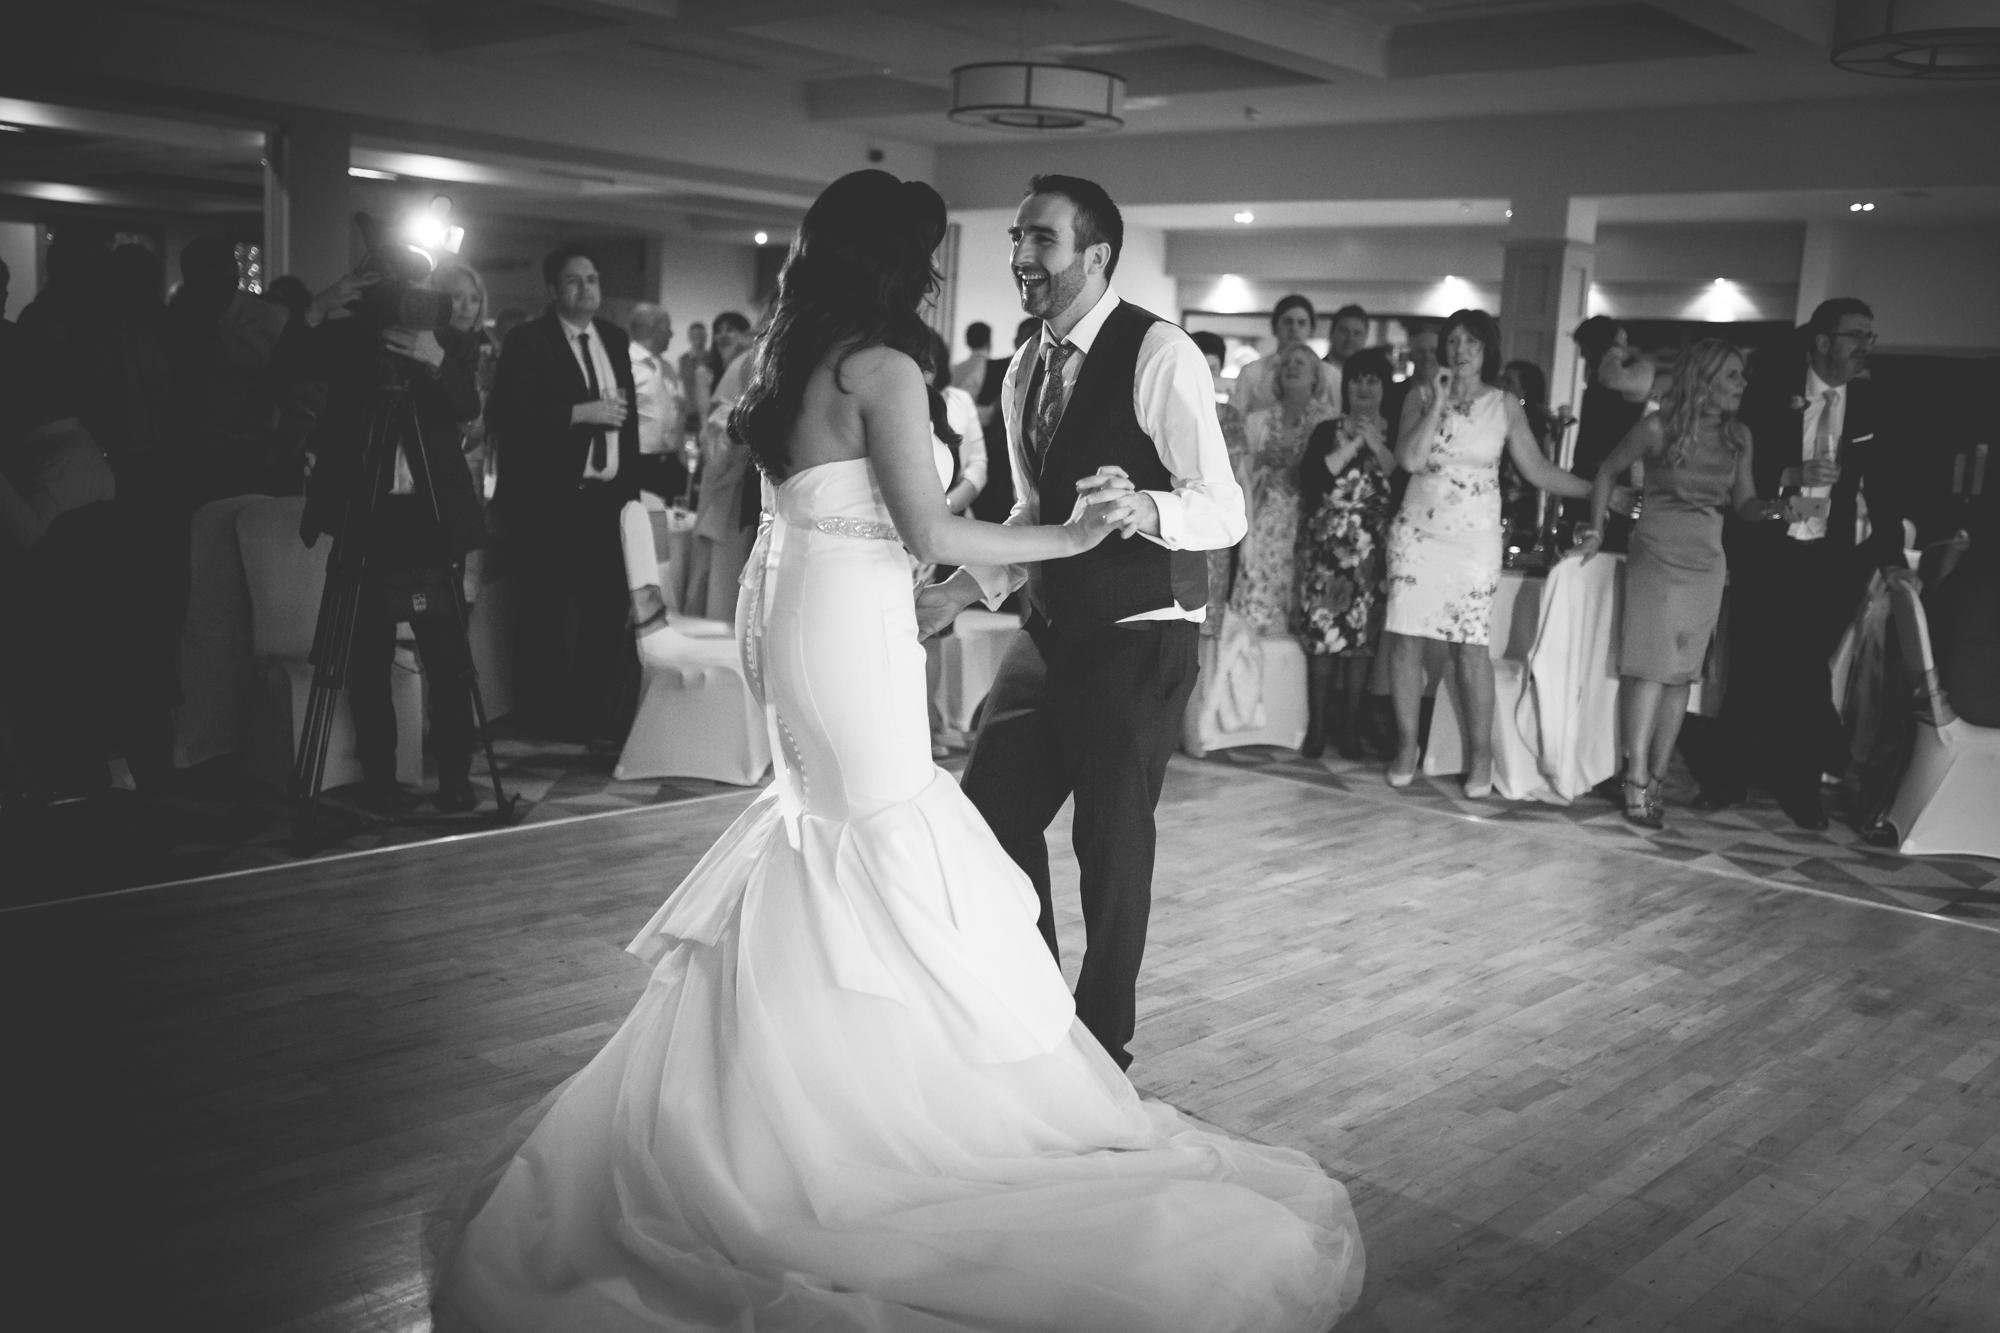 Francis&Oonagh-Dancing-15.jpg